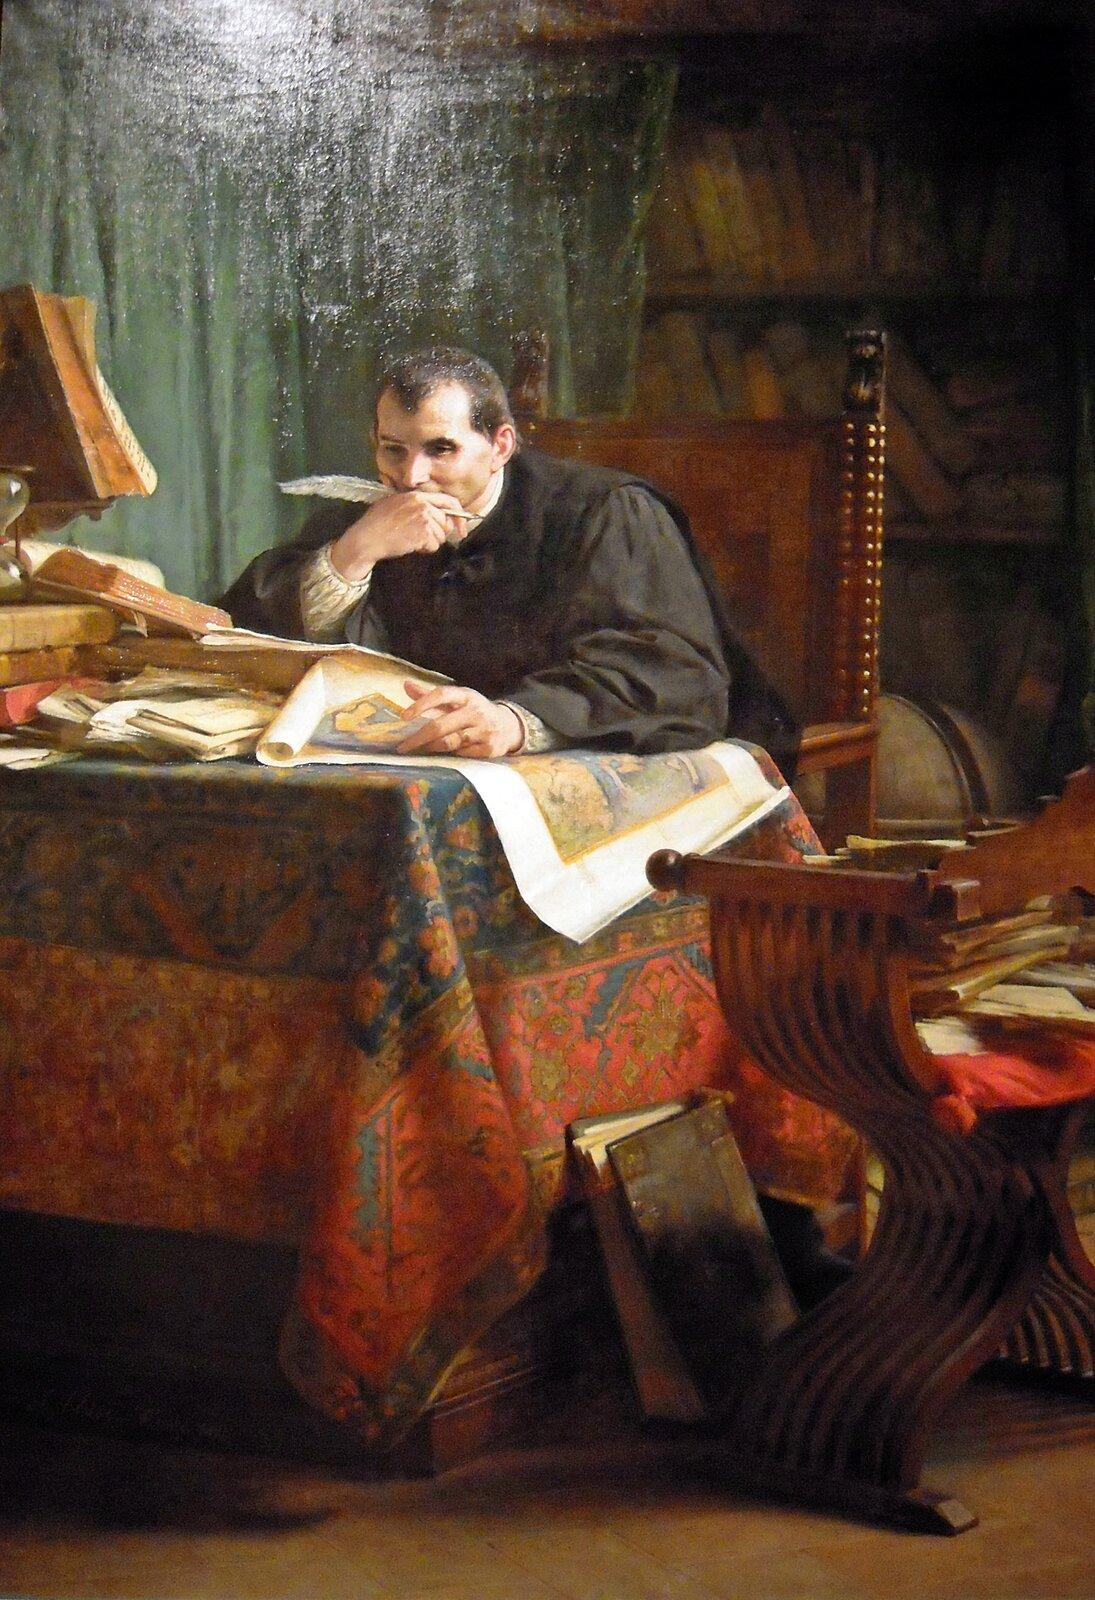 Niccolo Machiavelli przy pracy wg włoskiego obrazu zXIX w. Źródło: Stefano Ussi, Niccolo Machiavelli przy pracy wg włoskiego obrazu zXIX w., 1894, Galeria Sztuki Nowoczesnej iWspółczesnej wRzymie, domena publiczna.